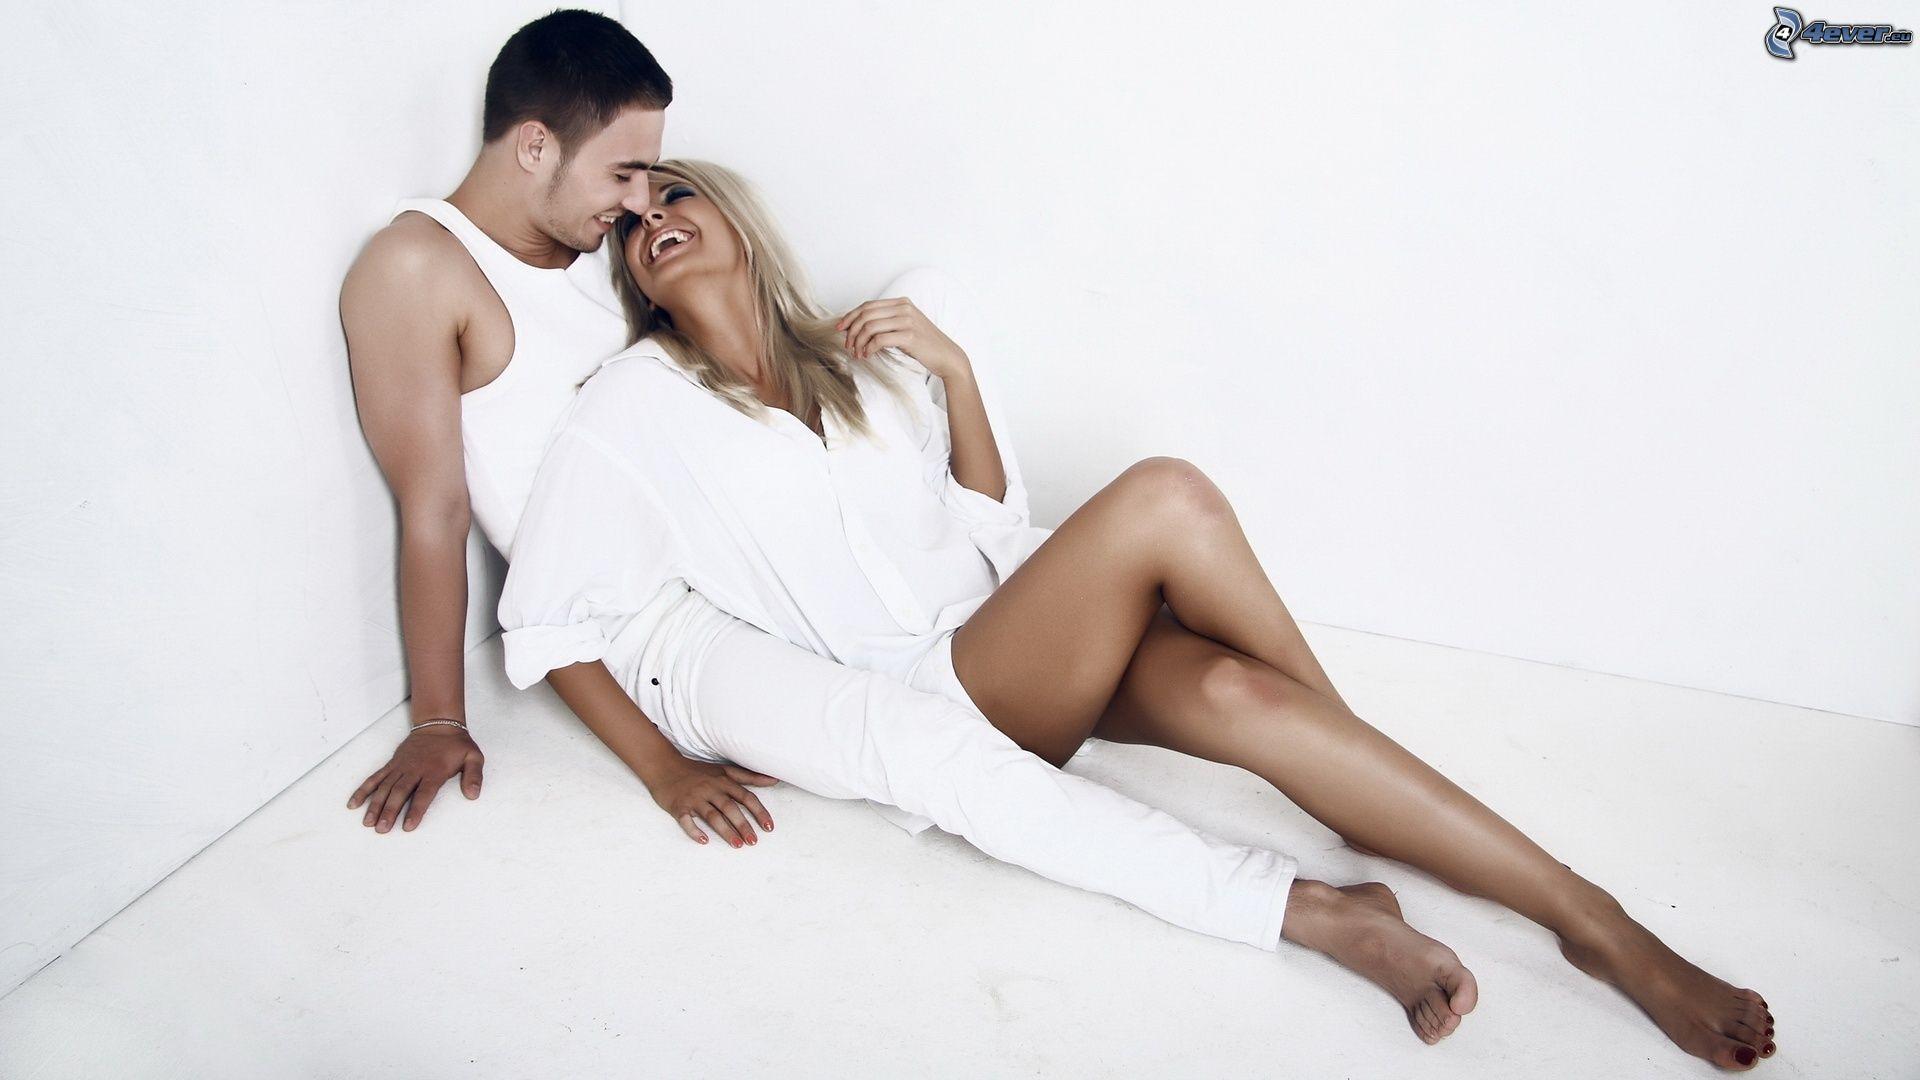 Le 7 frasi da non dire a letto non fa ridere - Frasi zozze da dire a letto ...